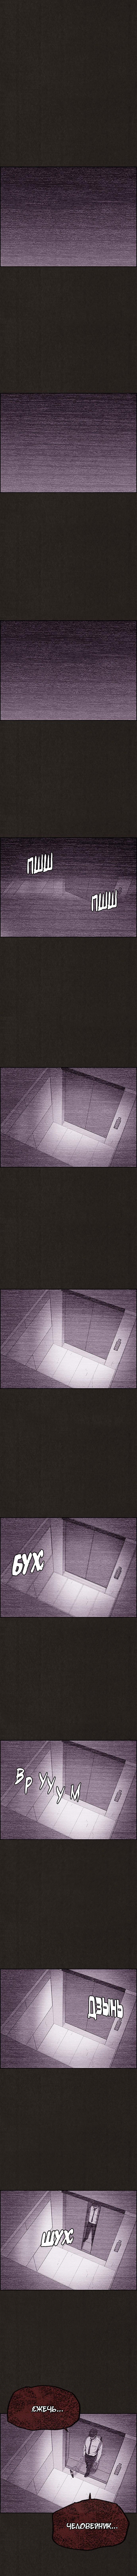 Манга Милый дом / Sweet Home (HWANG Youngchan) - Том 1 Глава 65 Страница 1